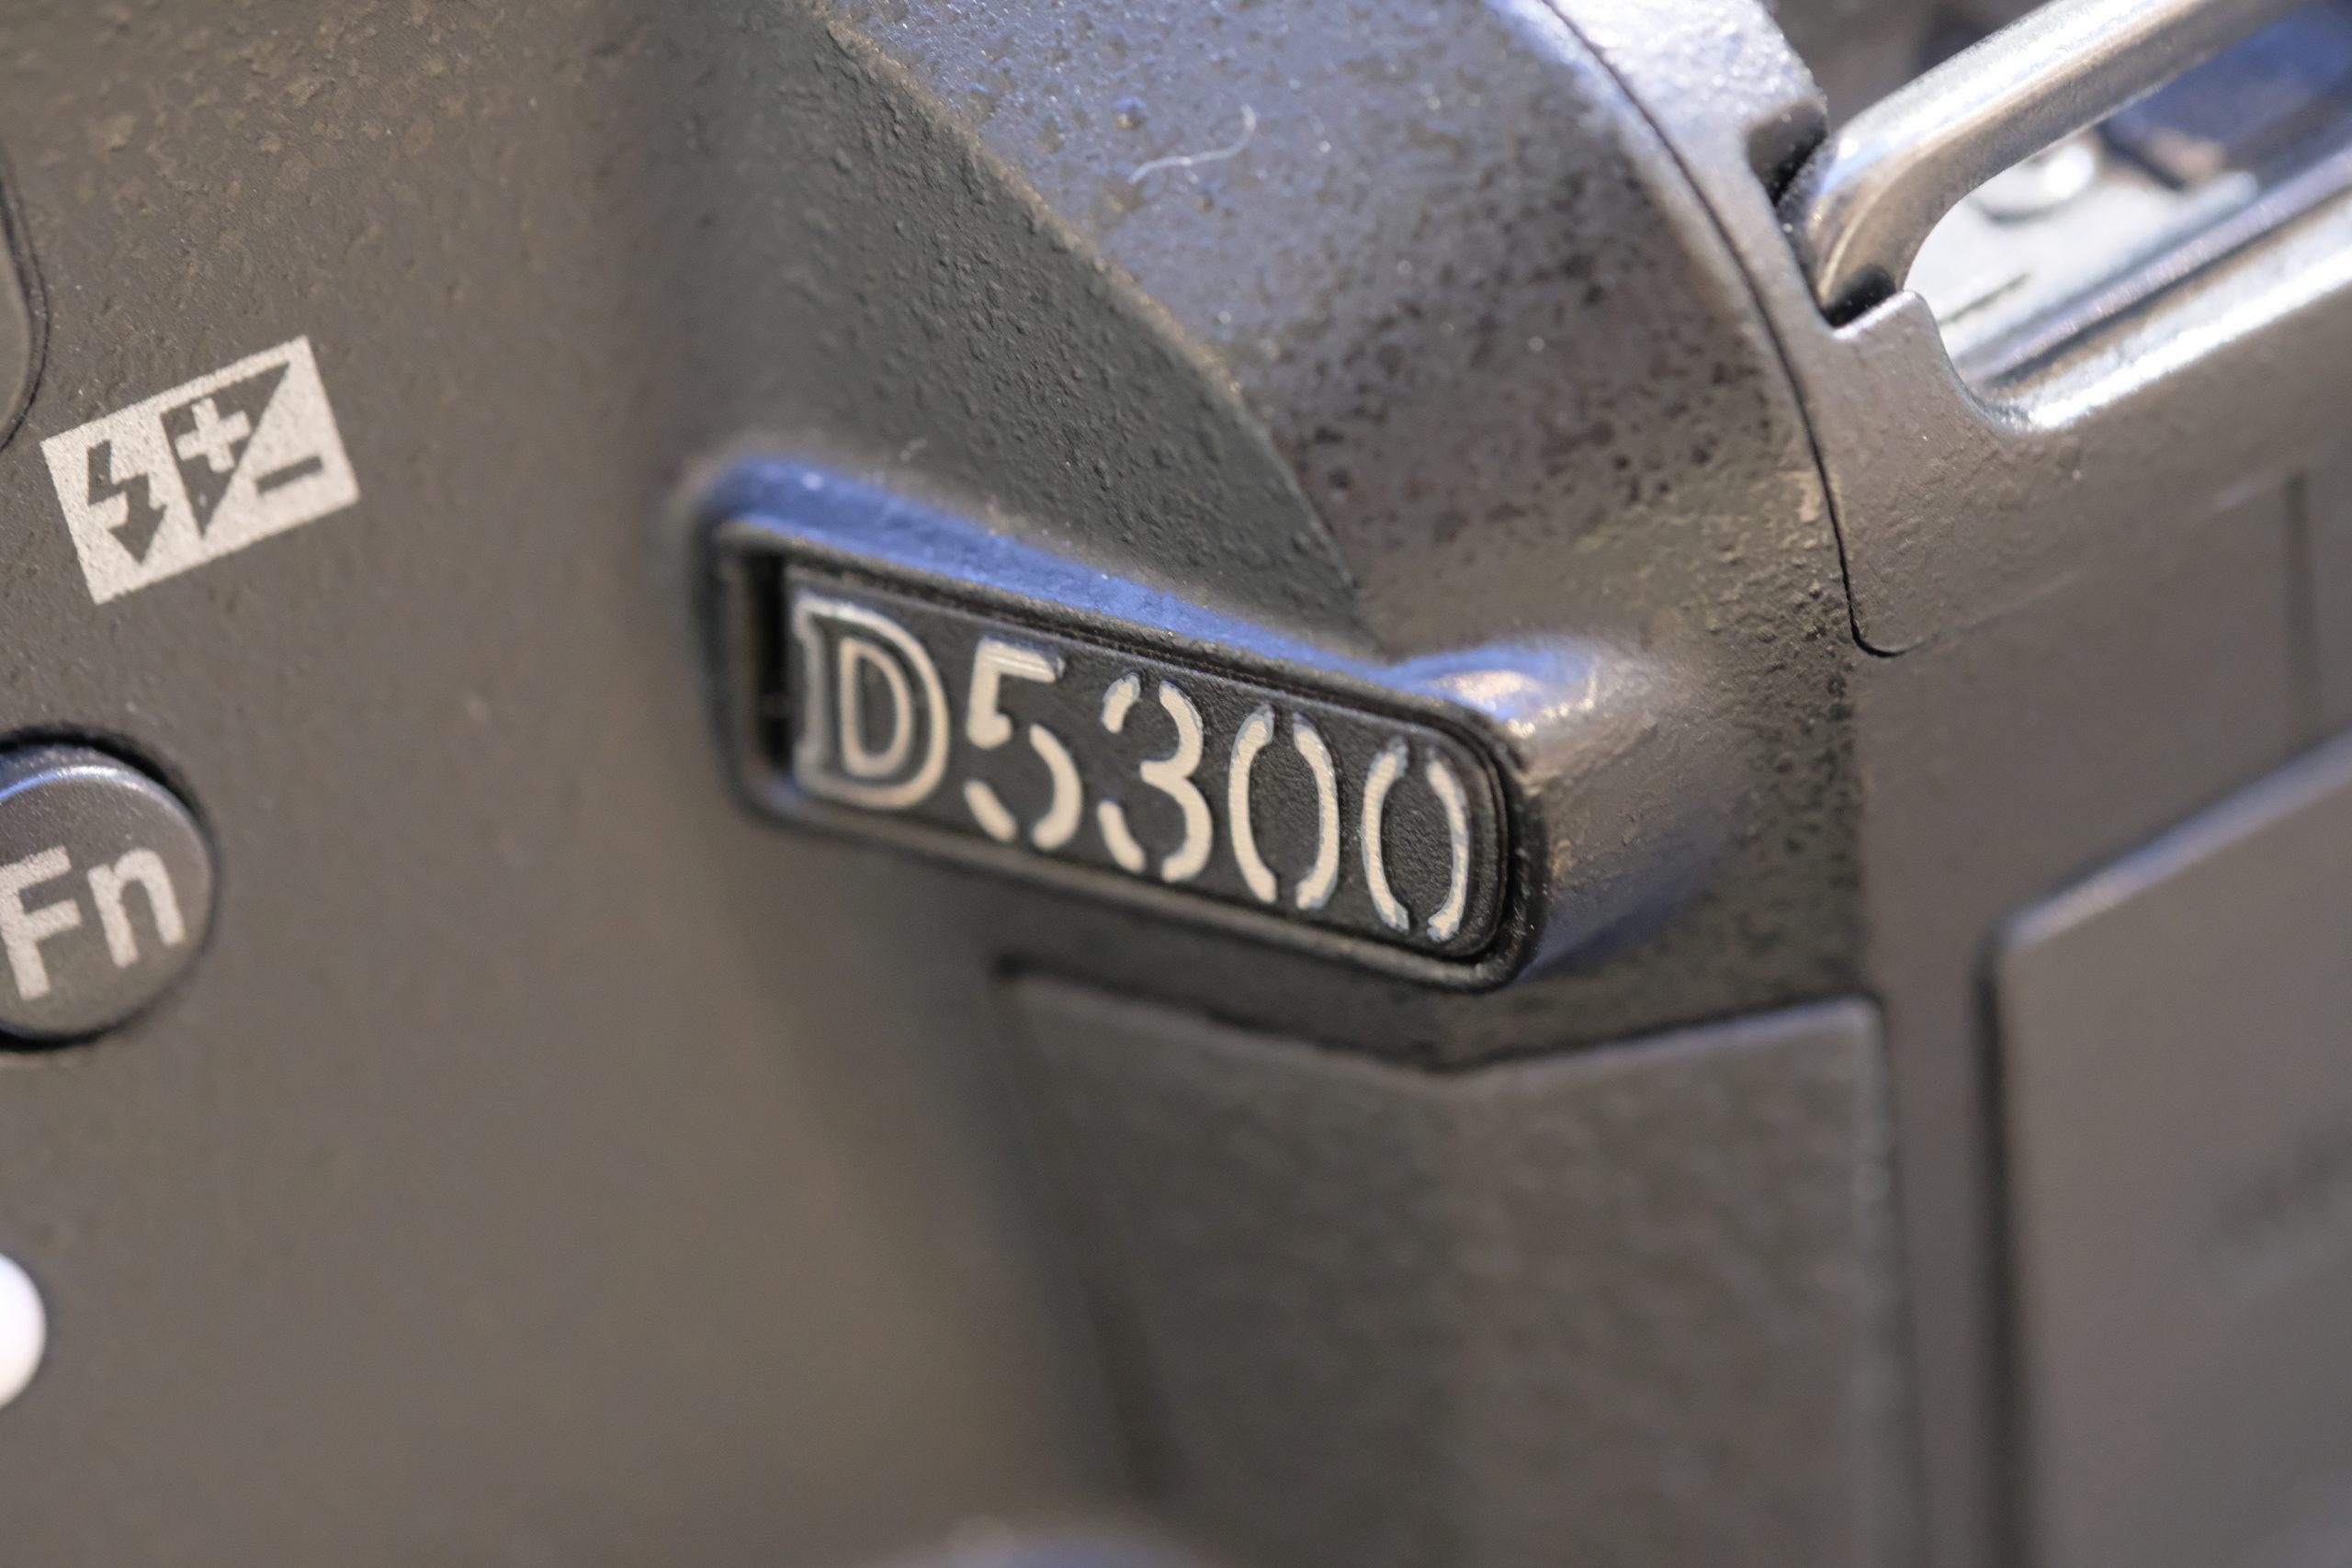 【Nikon】カメラの楽しさを教えてくれたNikon D5300